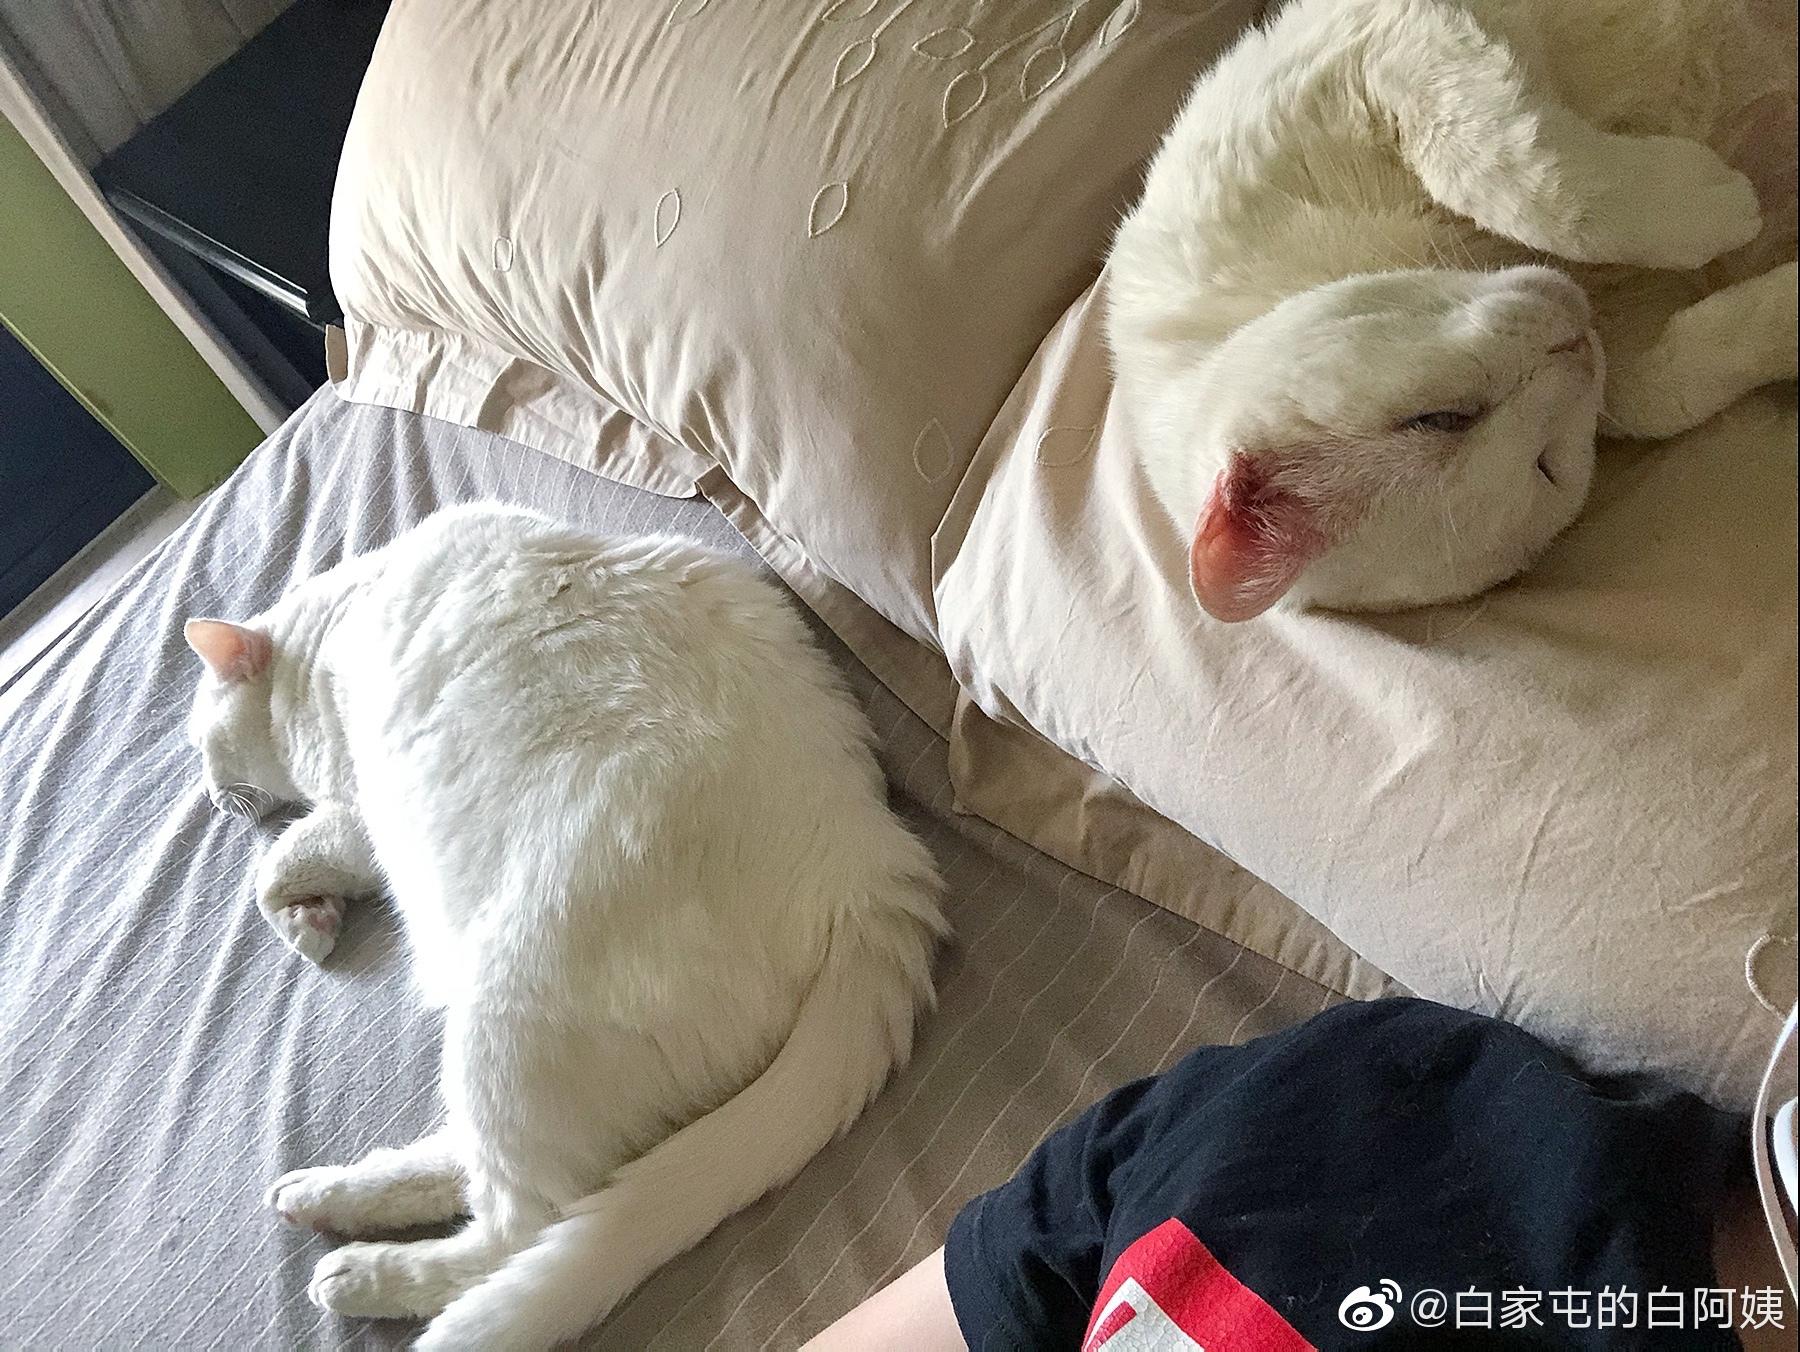 还是我们这边好,正经人和正经猫一起睡